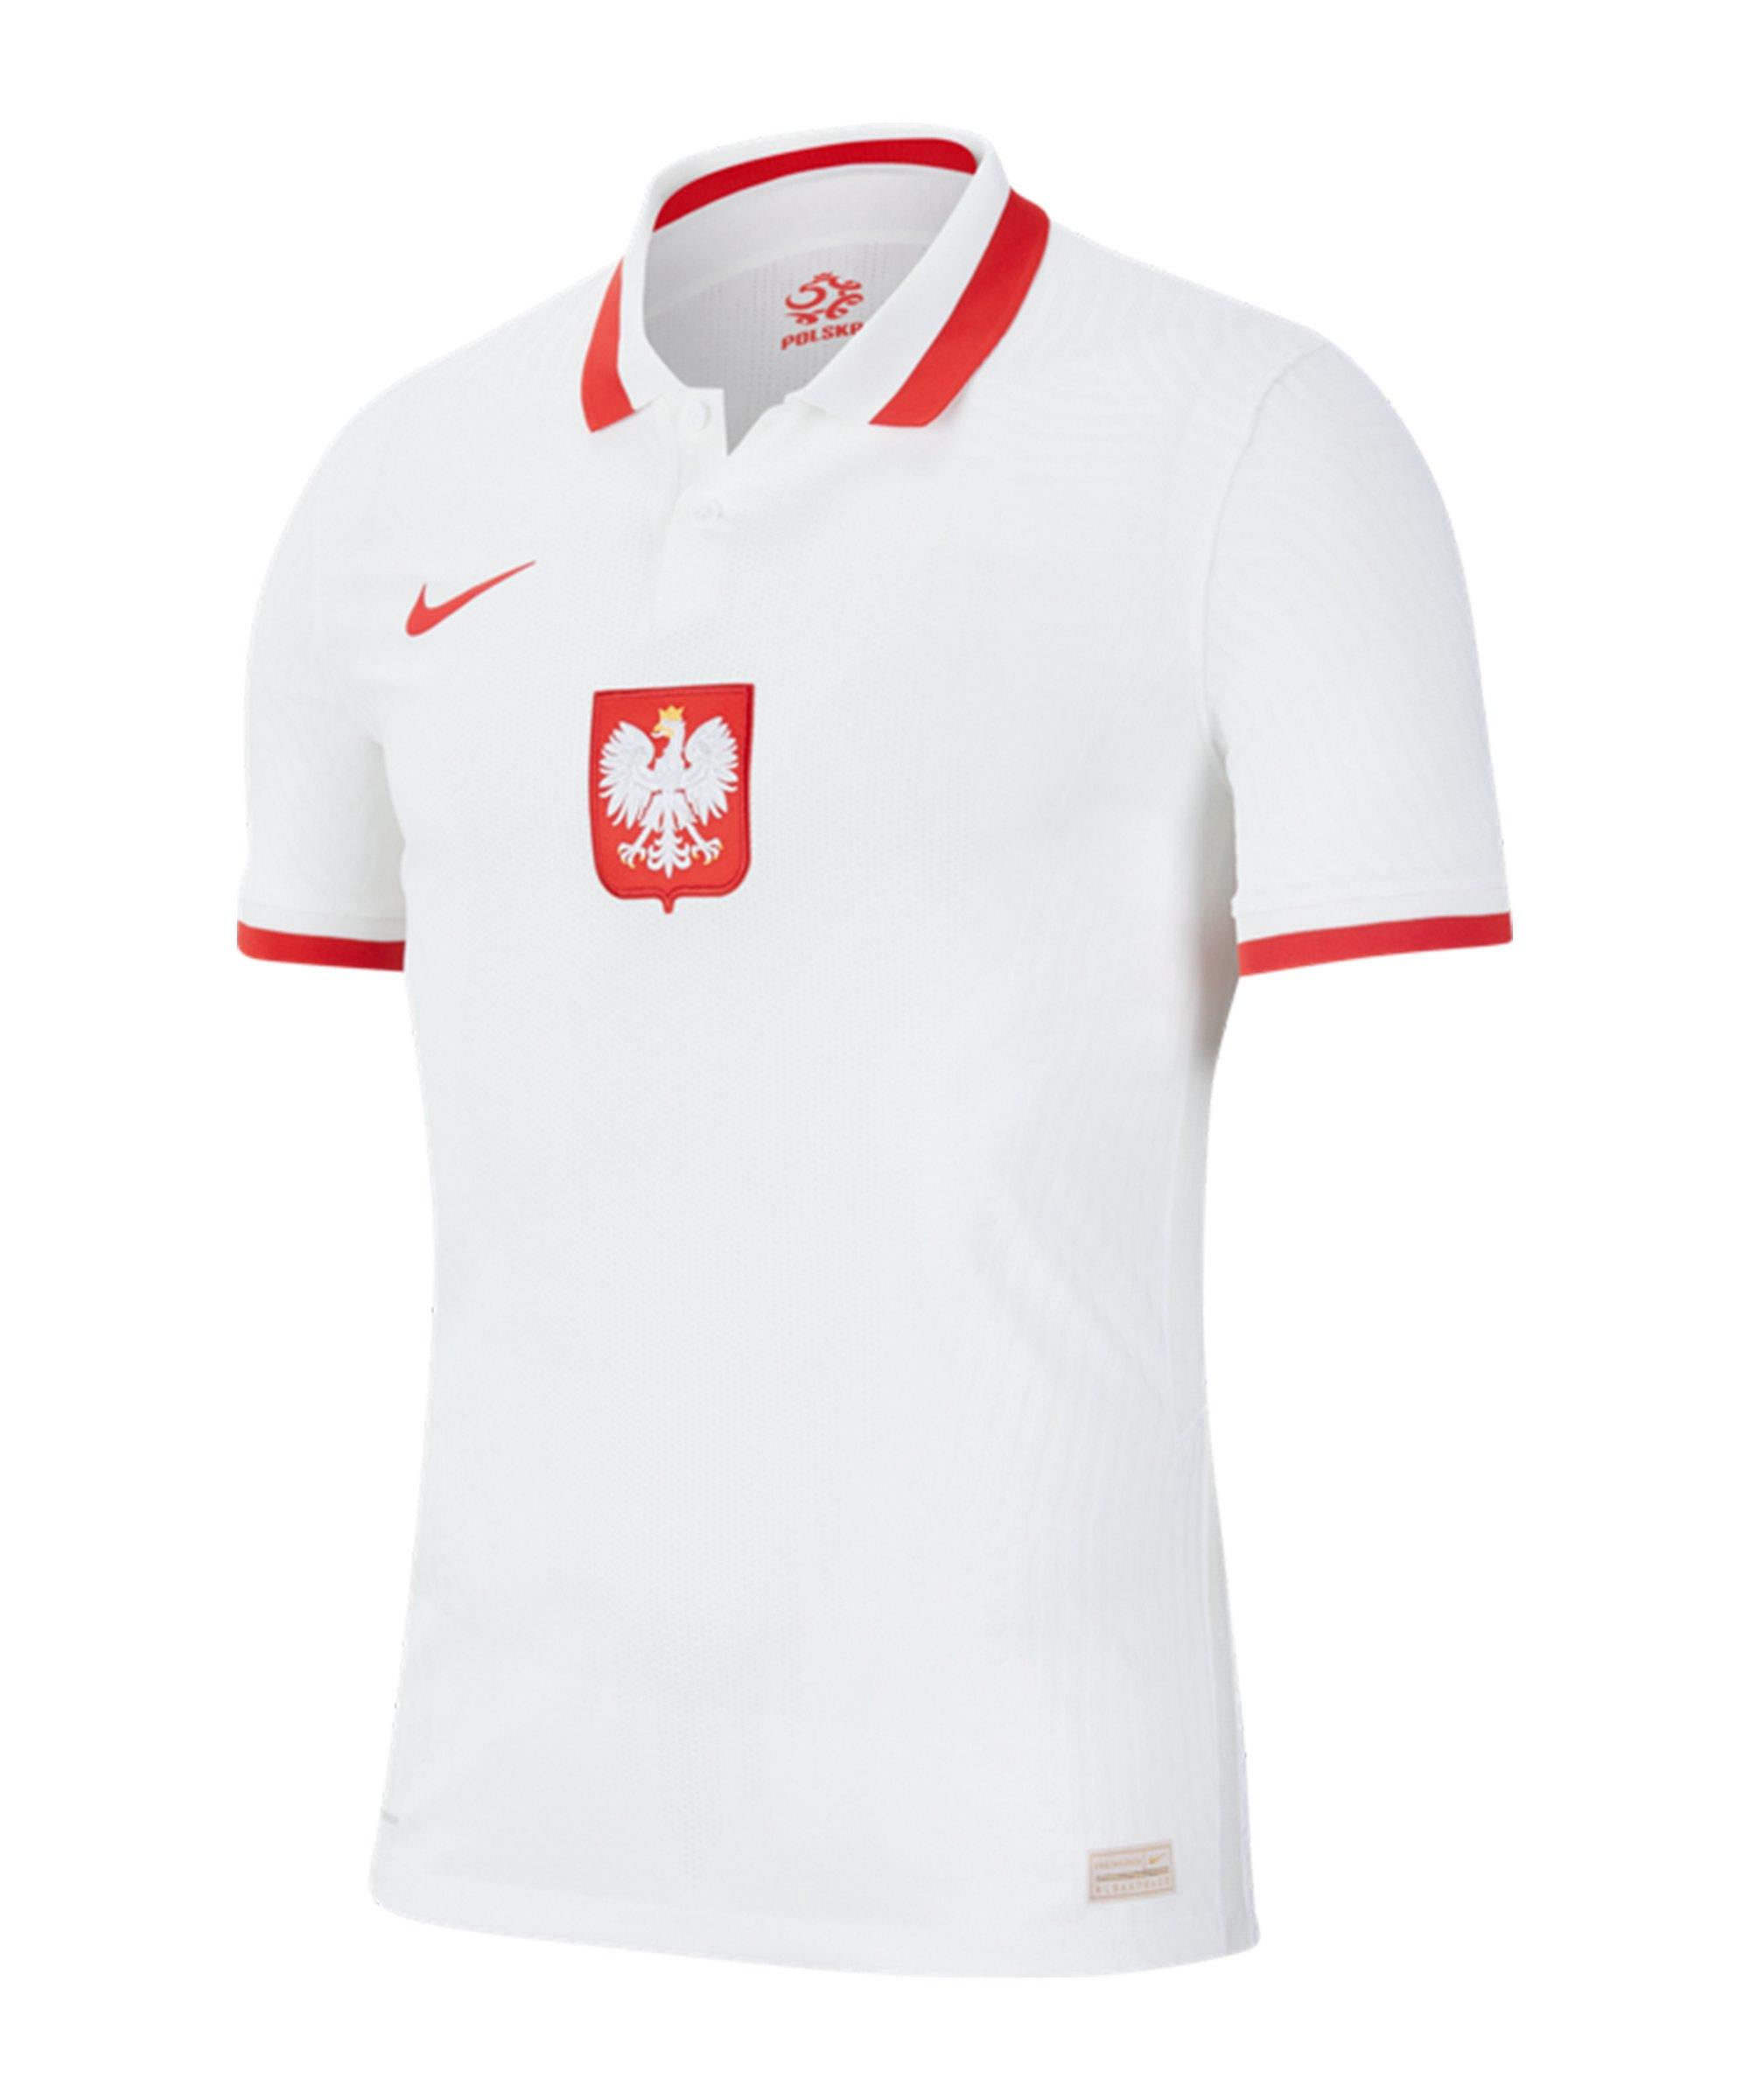 Nike Polen Auth. Trikot Home EM 2020 Weiss F100 - weiss